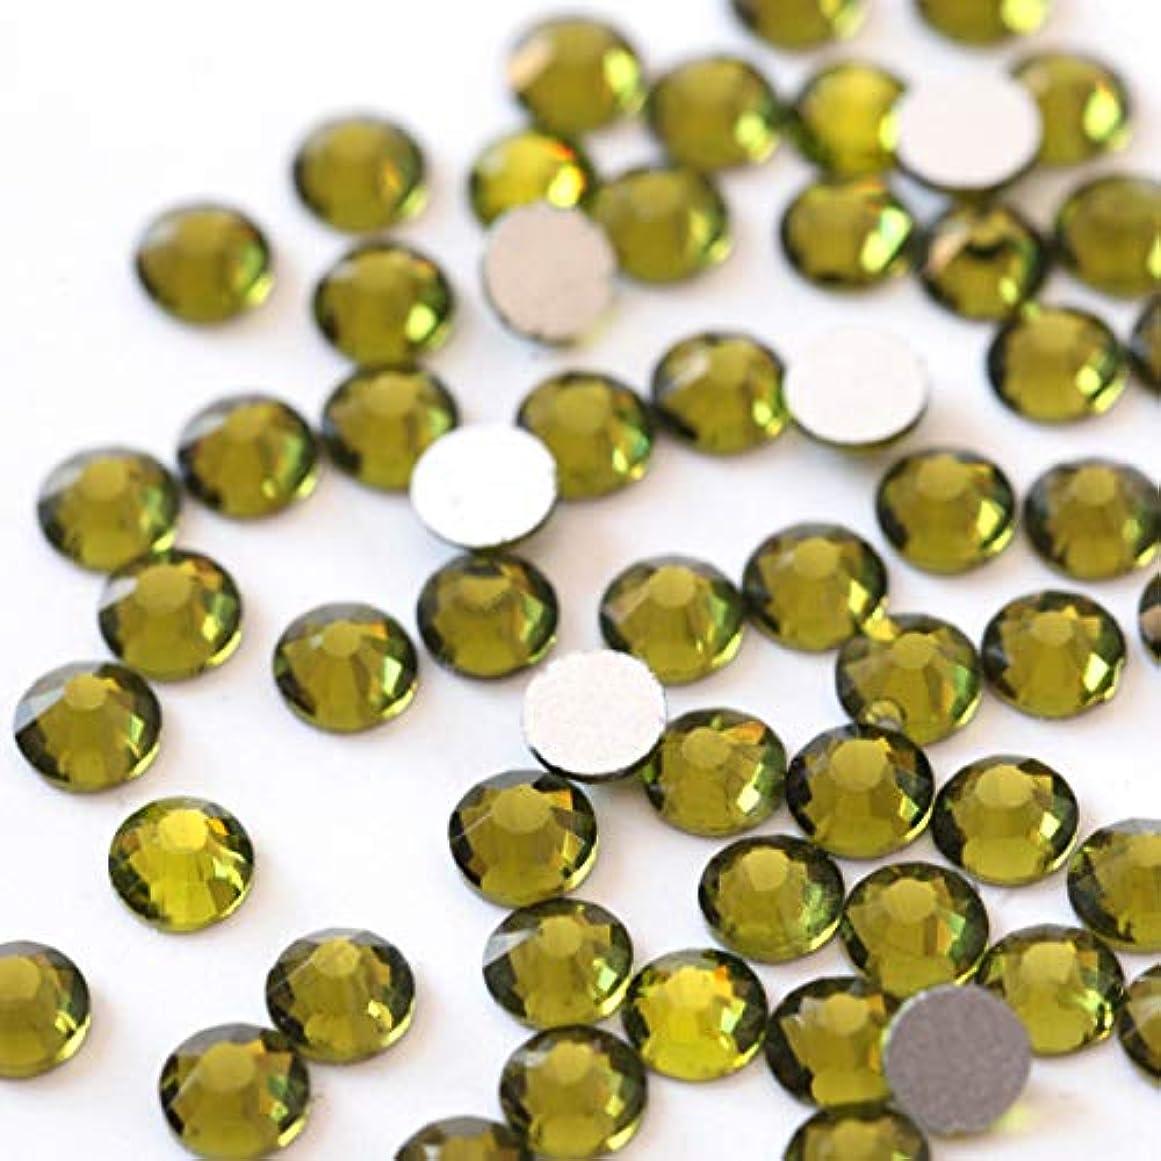 少年不透明な噴火【ラインストーン77】 超高級 ガラス製ラインストーン SS4~SS40 オリーブ スワロフスキー同等 (3.0mm (SS12) 約200粒)